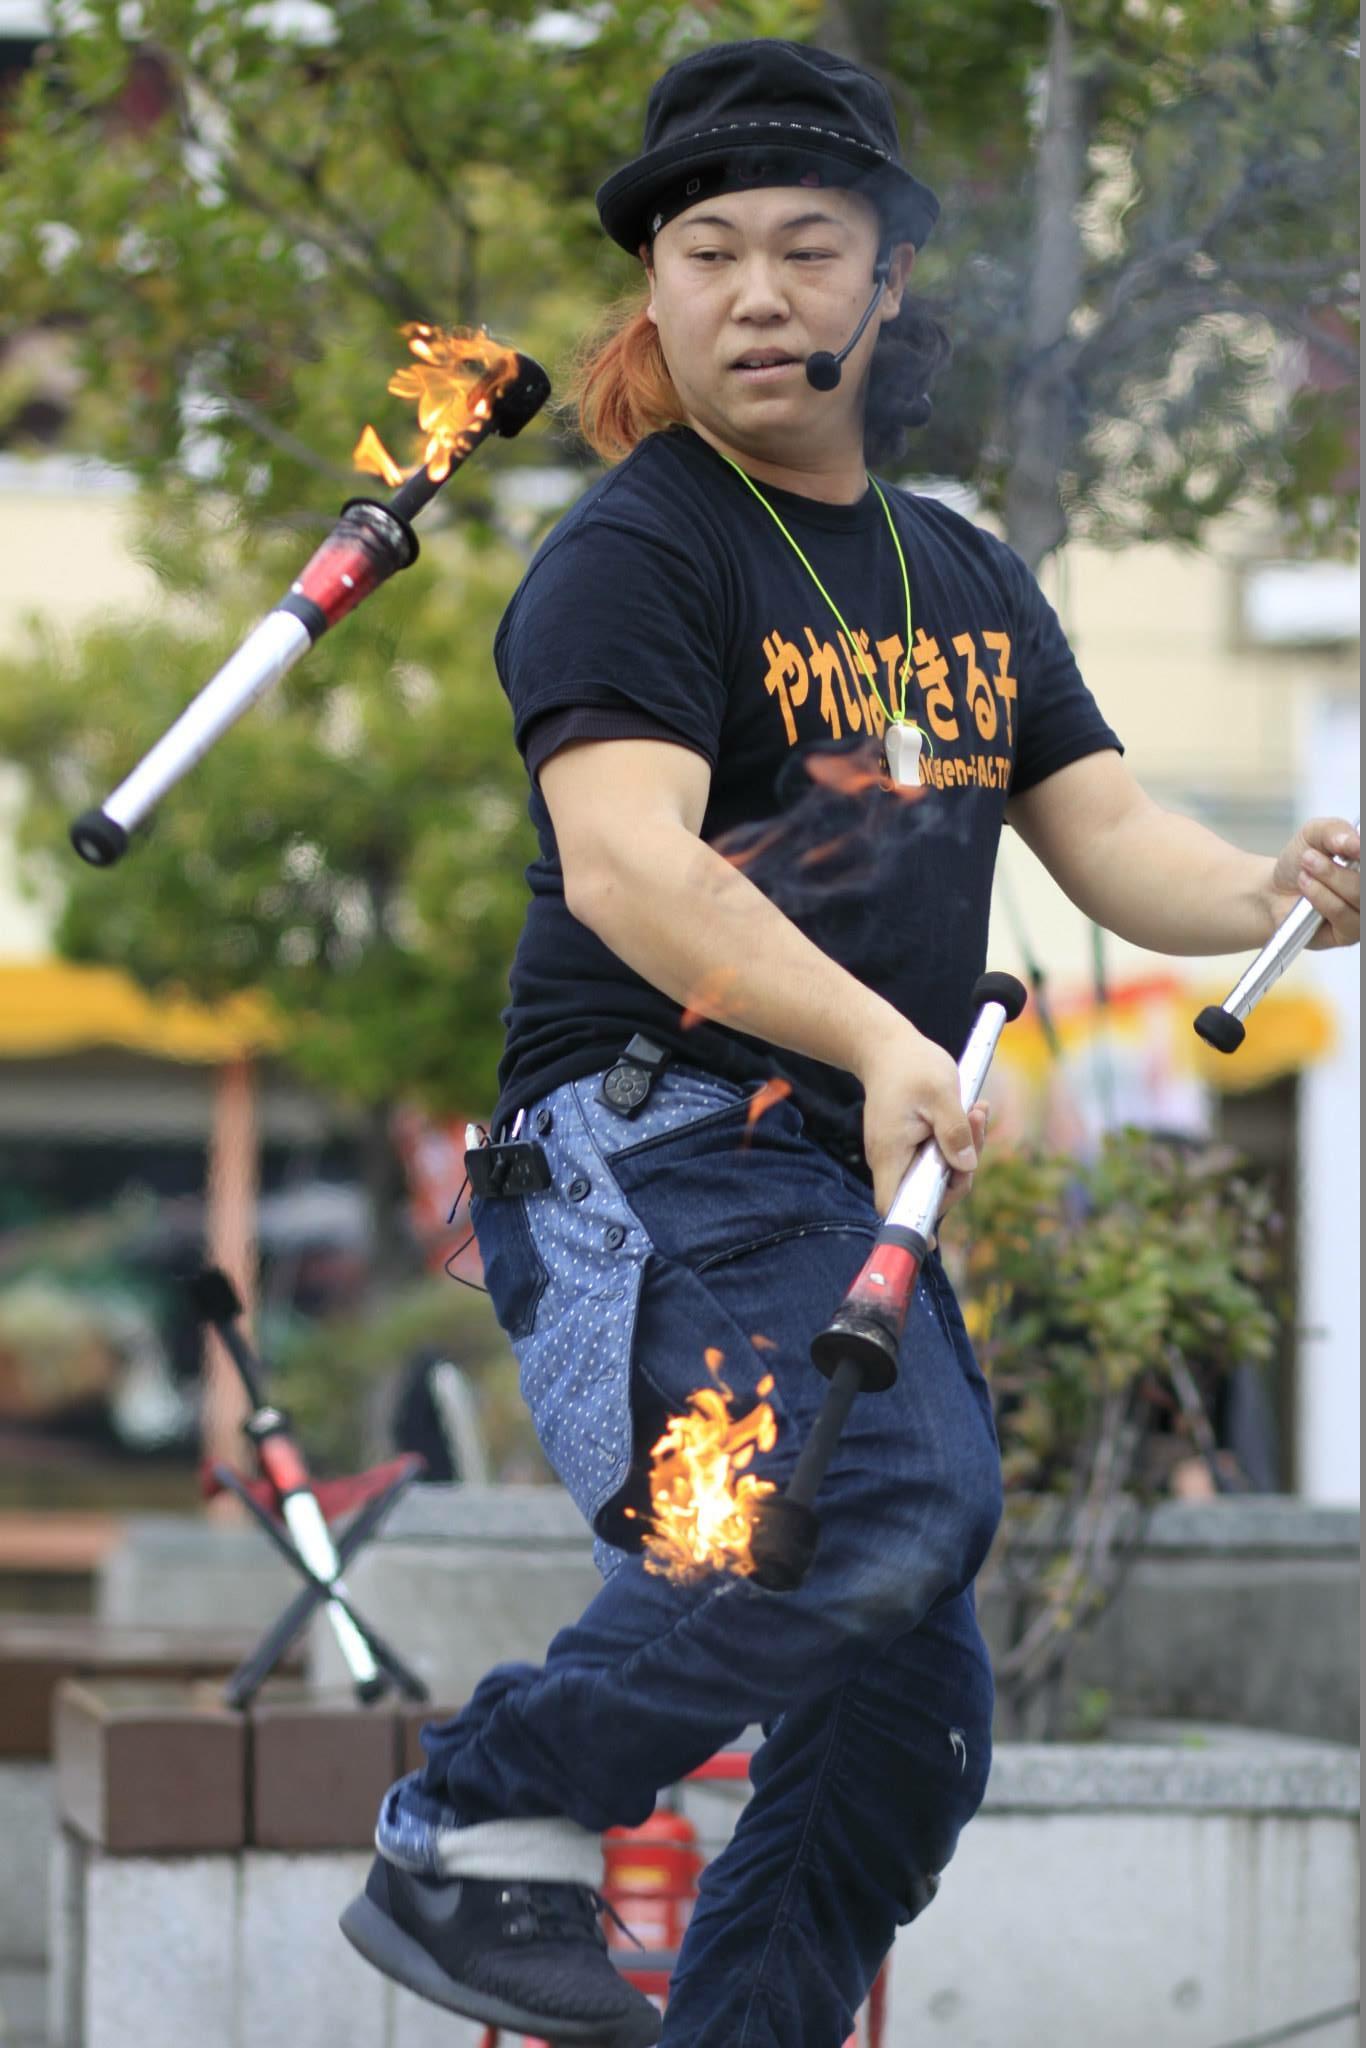 「炎」のジャグリングパフォーマンス!国内外で活躍するパフォーマーが大集合!! 三世代テーマパークみろくの里